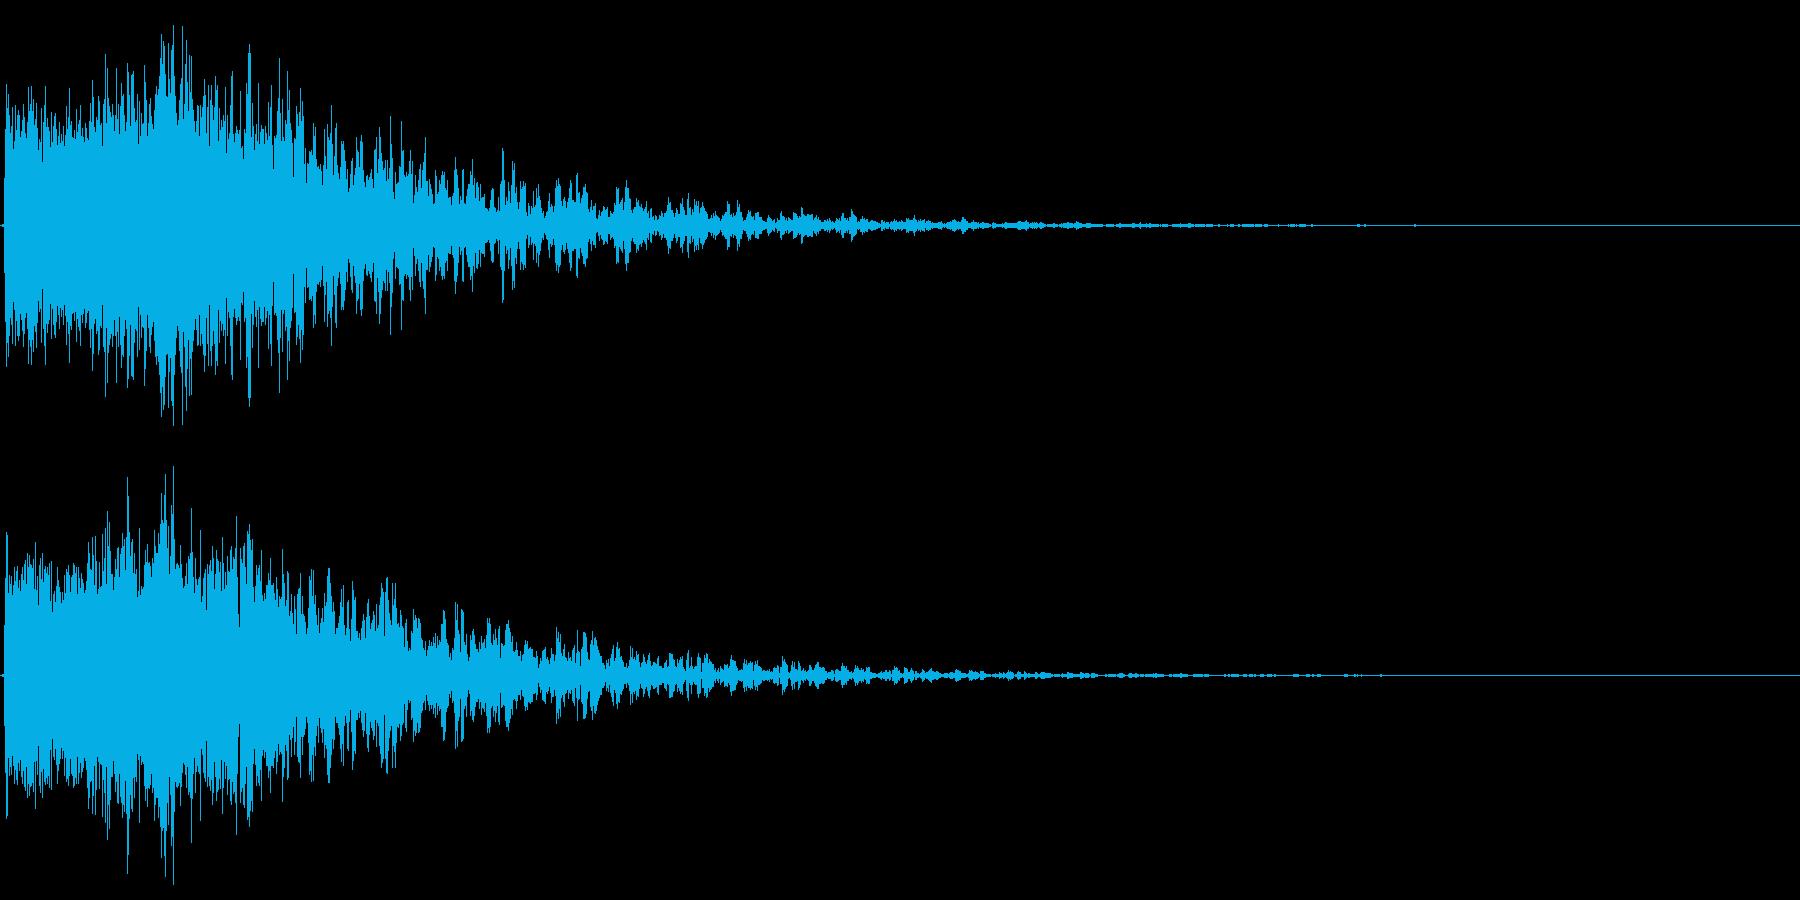 カー!ブーン(衝撃的な音)の再生済みの波形